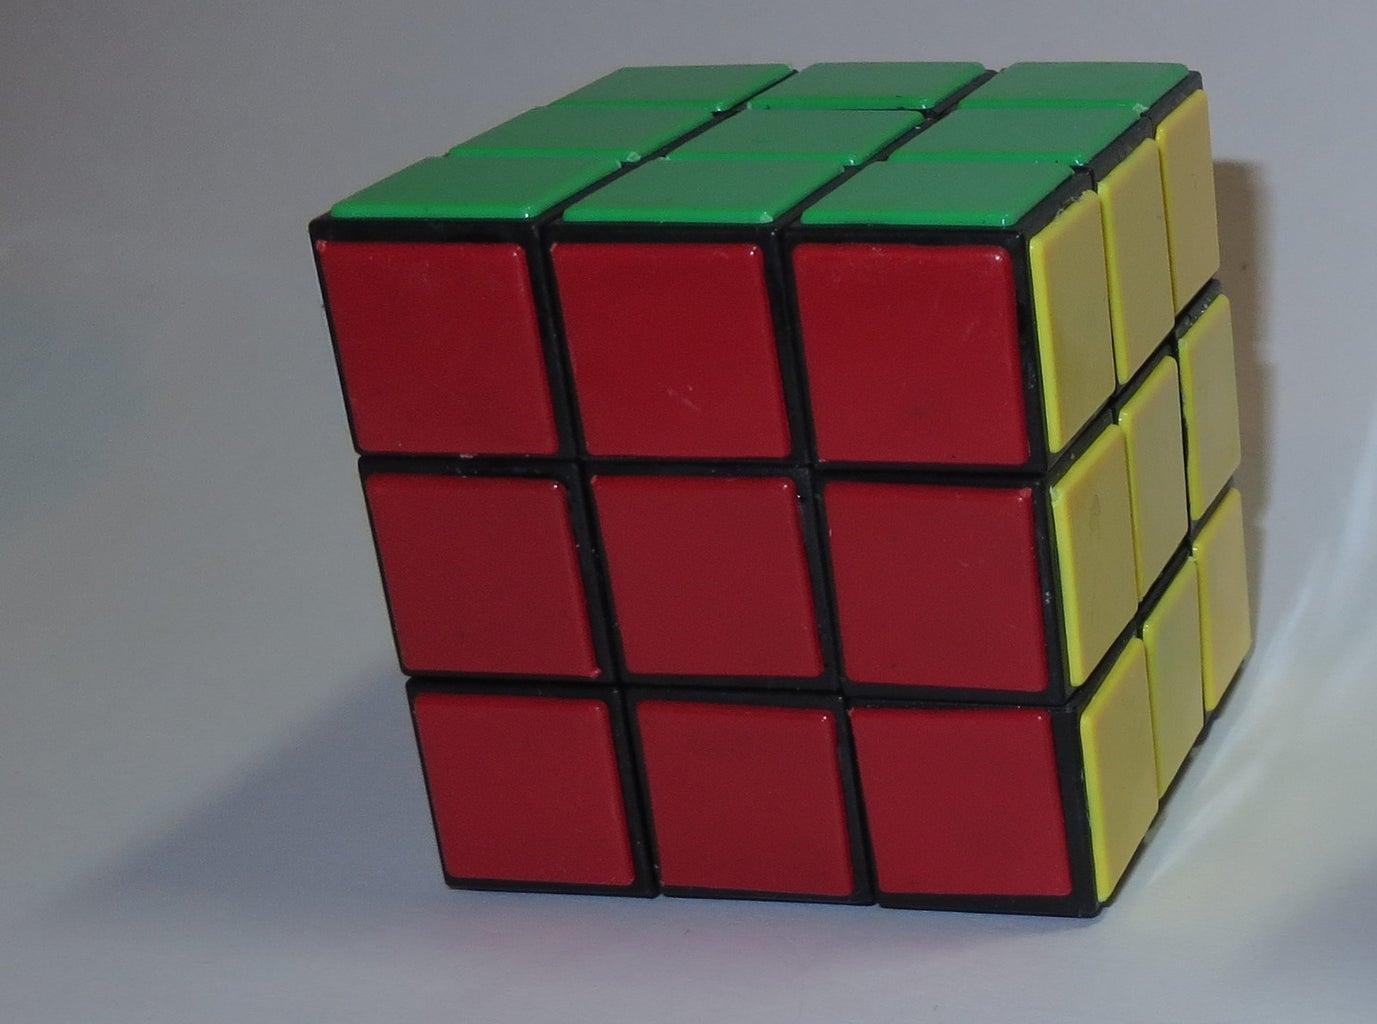 Get a Cube!